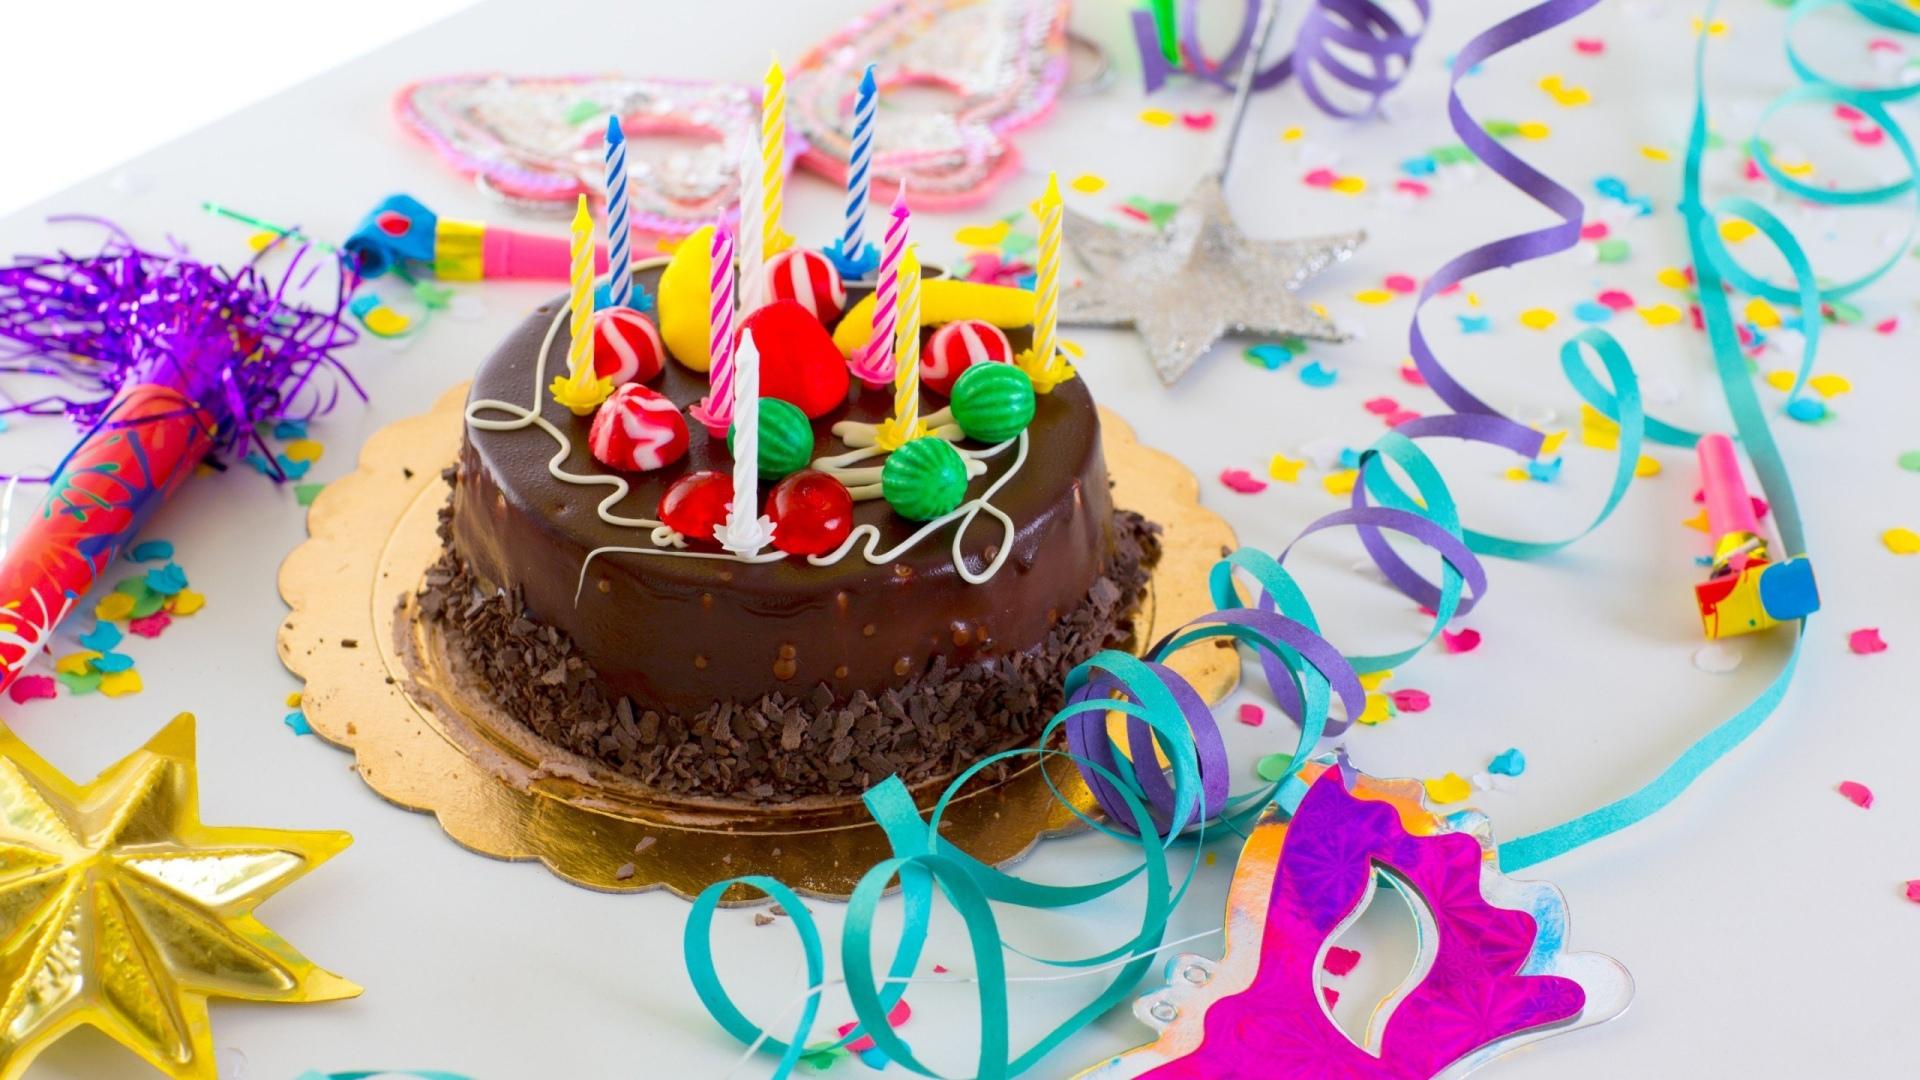 Fondos de pantalla de Feliz Cumpleaos Happy Birthday Wallpapers